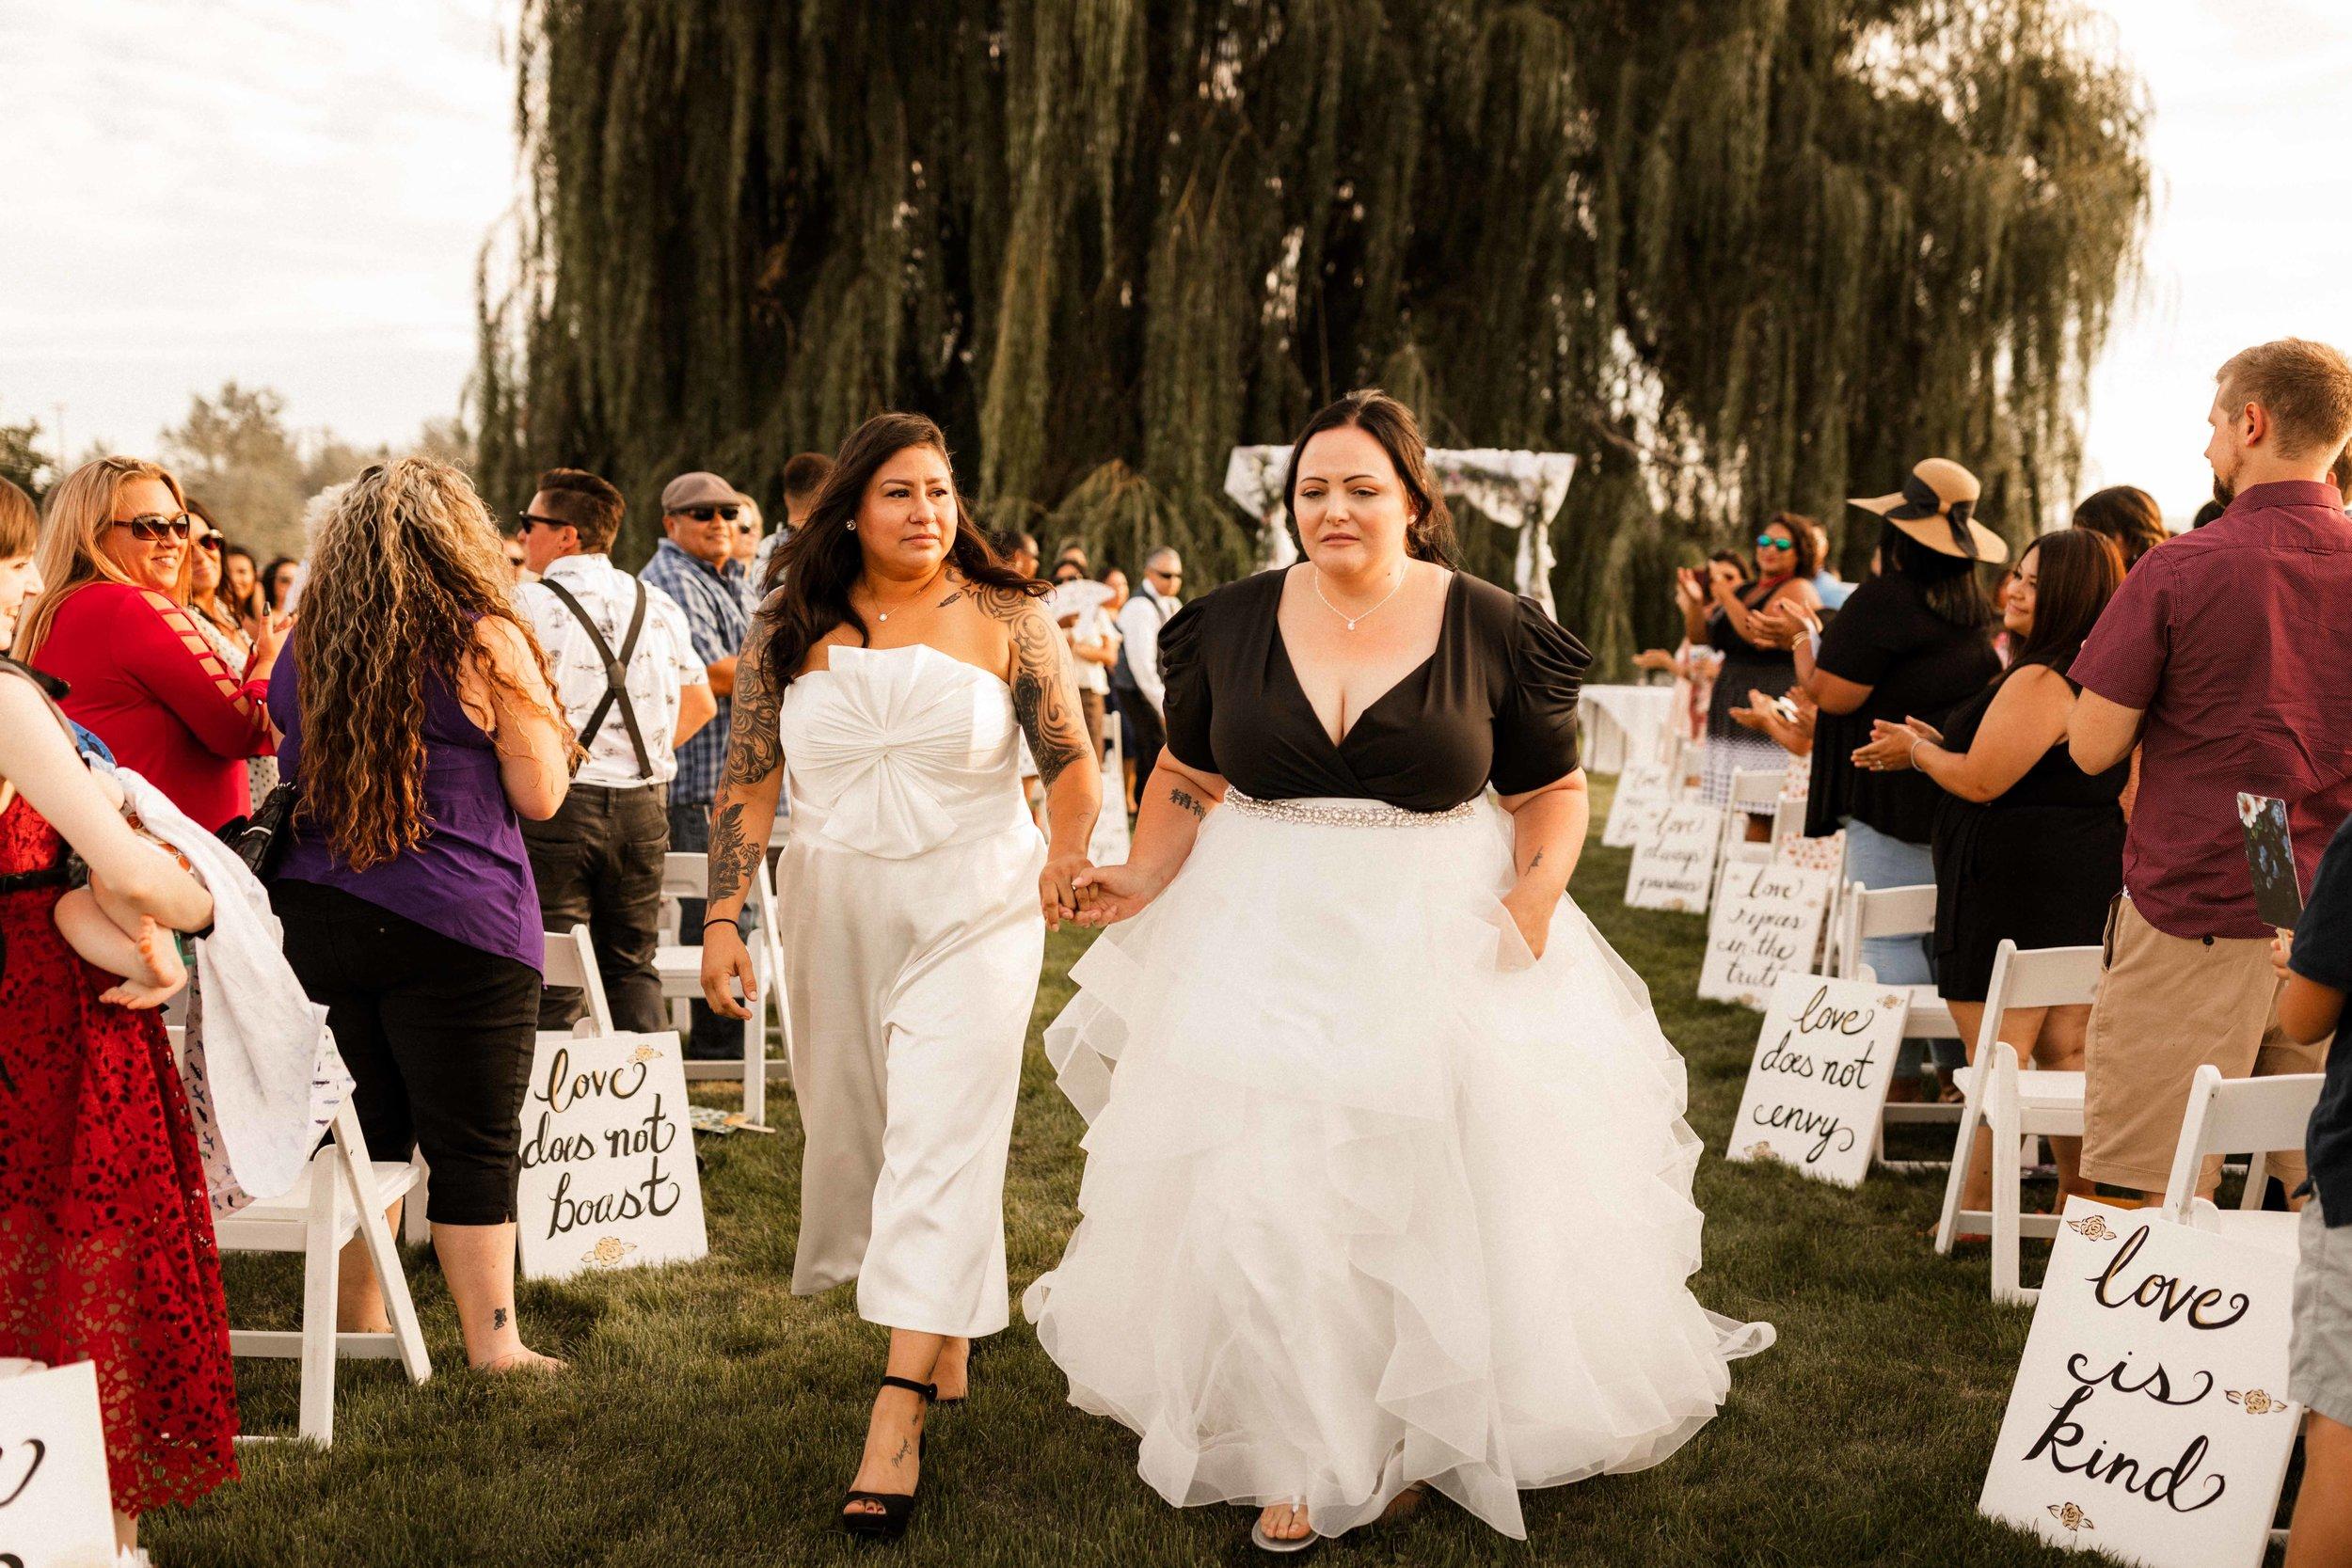 pasco-wedding-photos-24.jpg